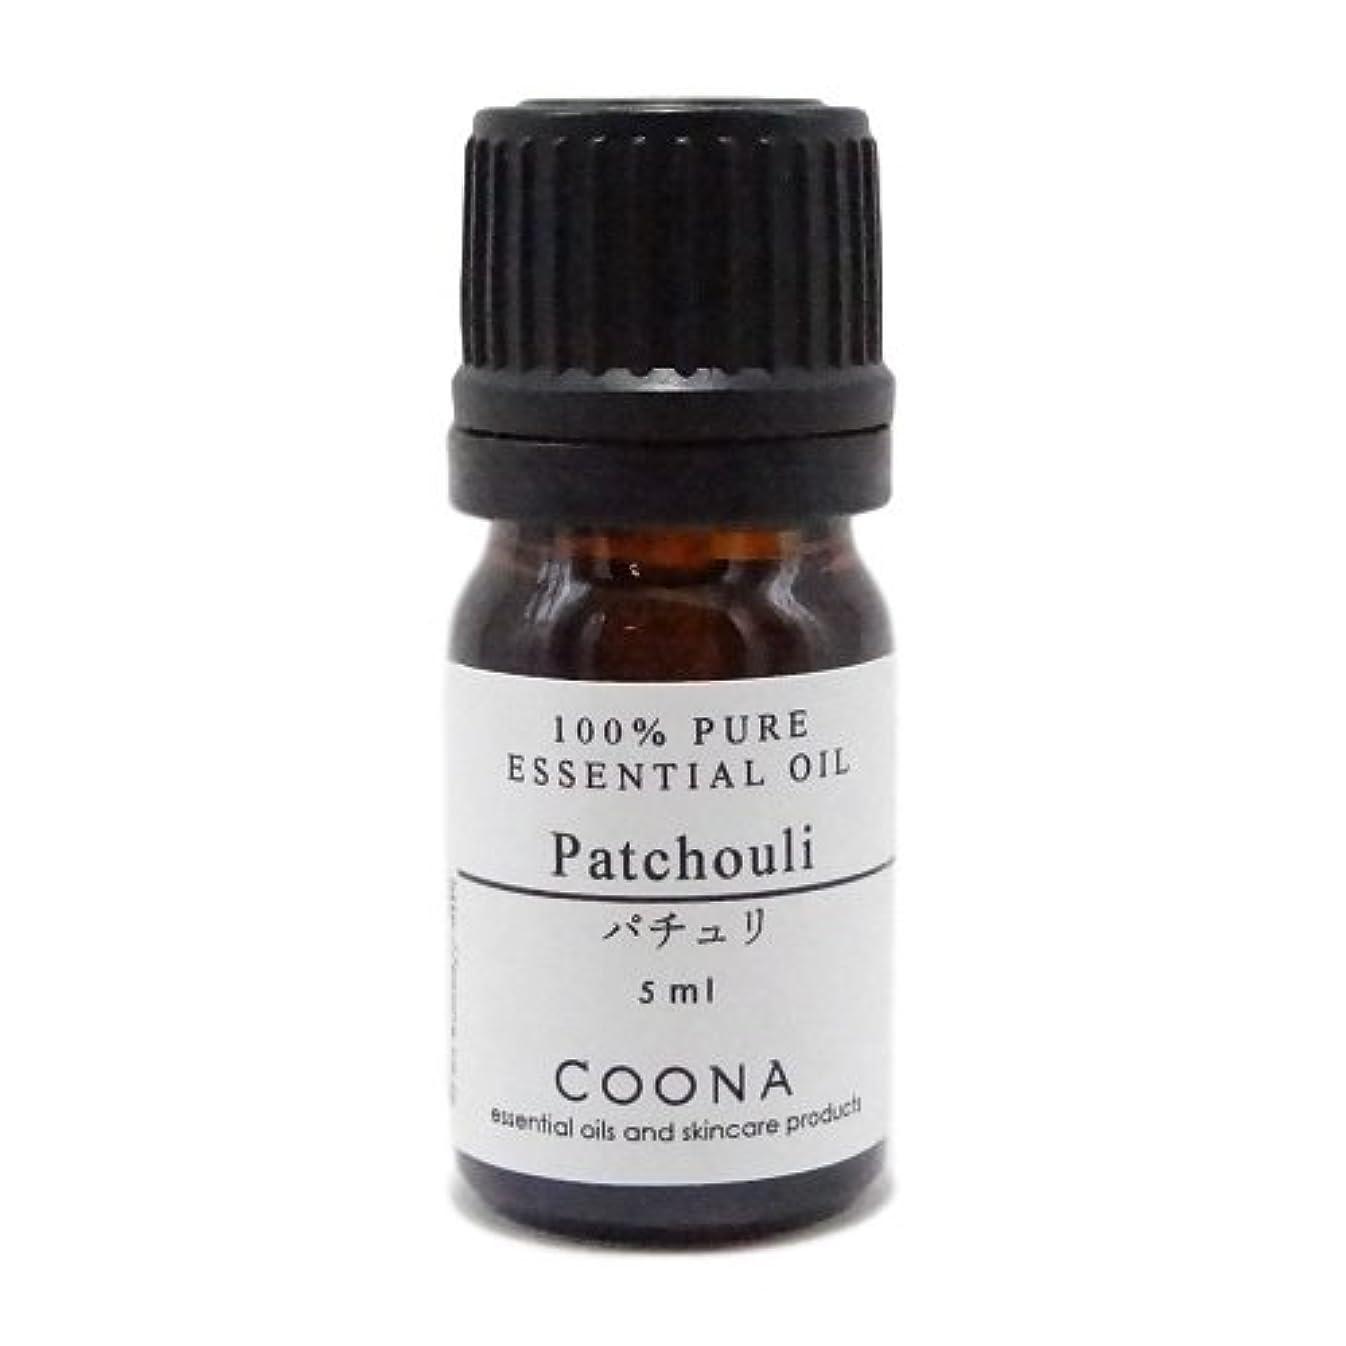 直接する必要があるアジア人パチュリ 5 ml (COONA エッセンシャルオイル アロマオイル 100%天然植物精油)